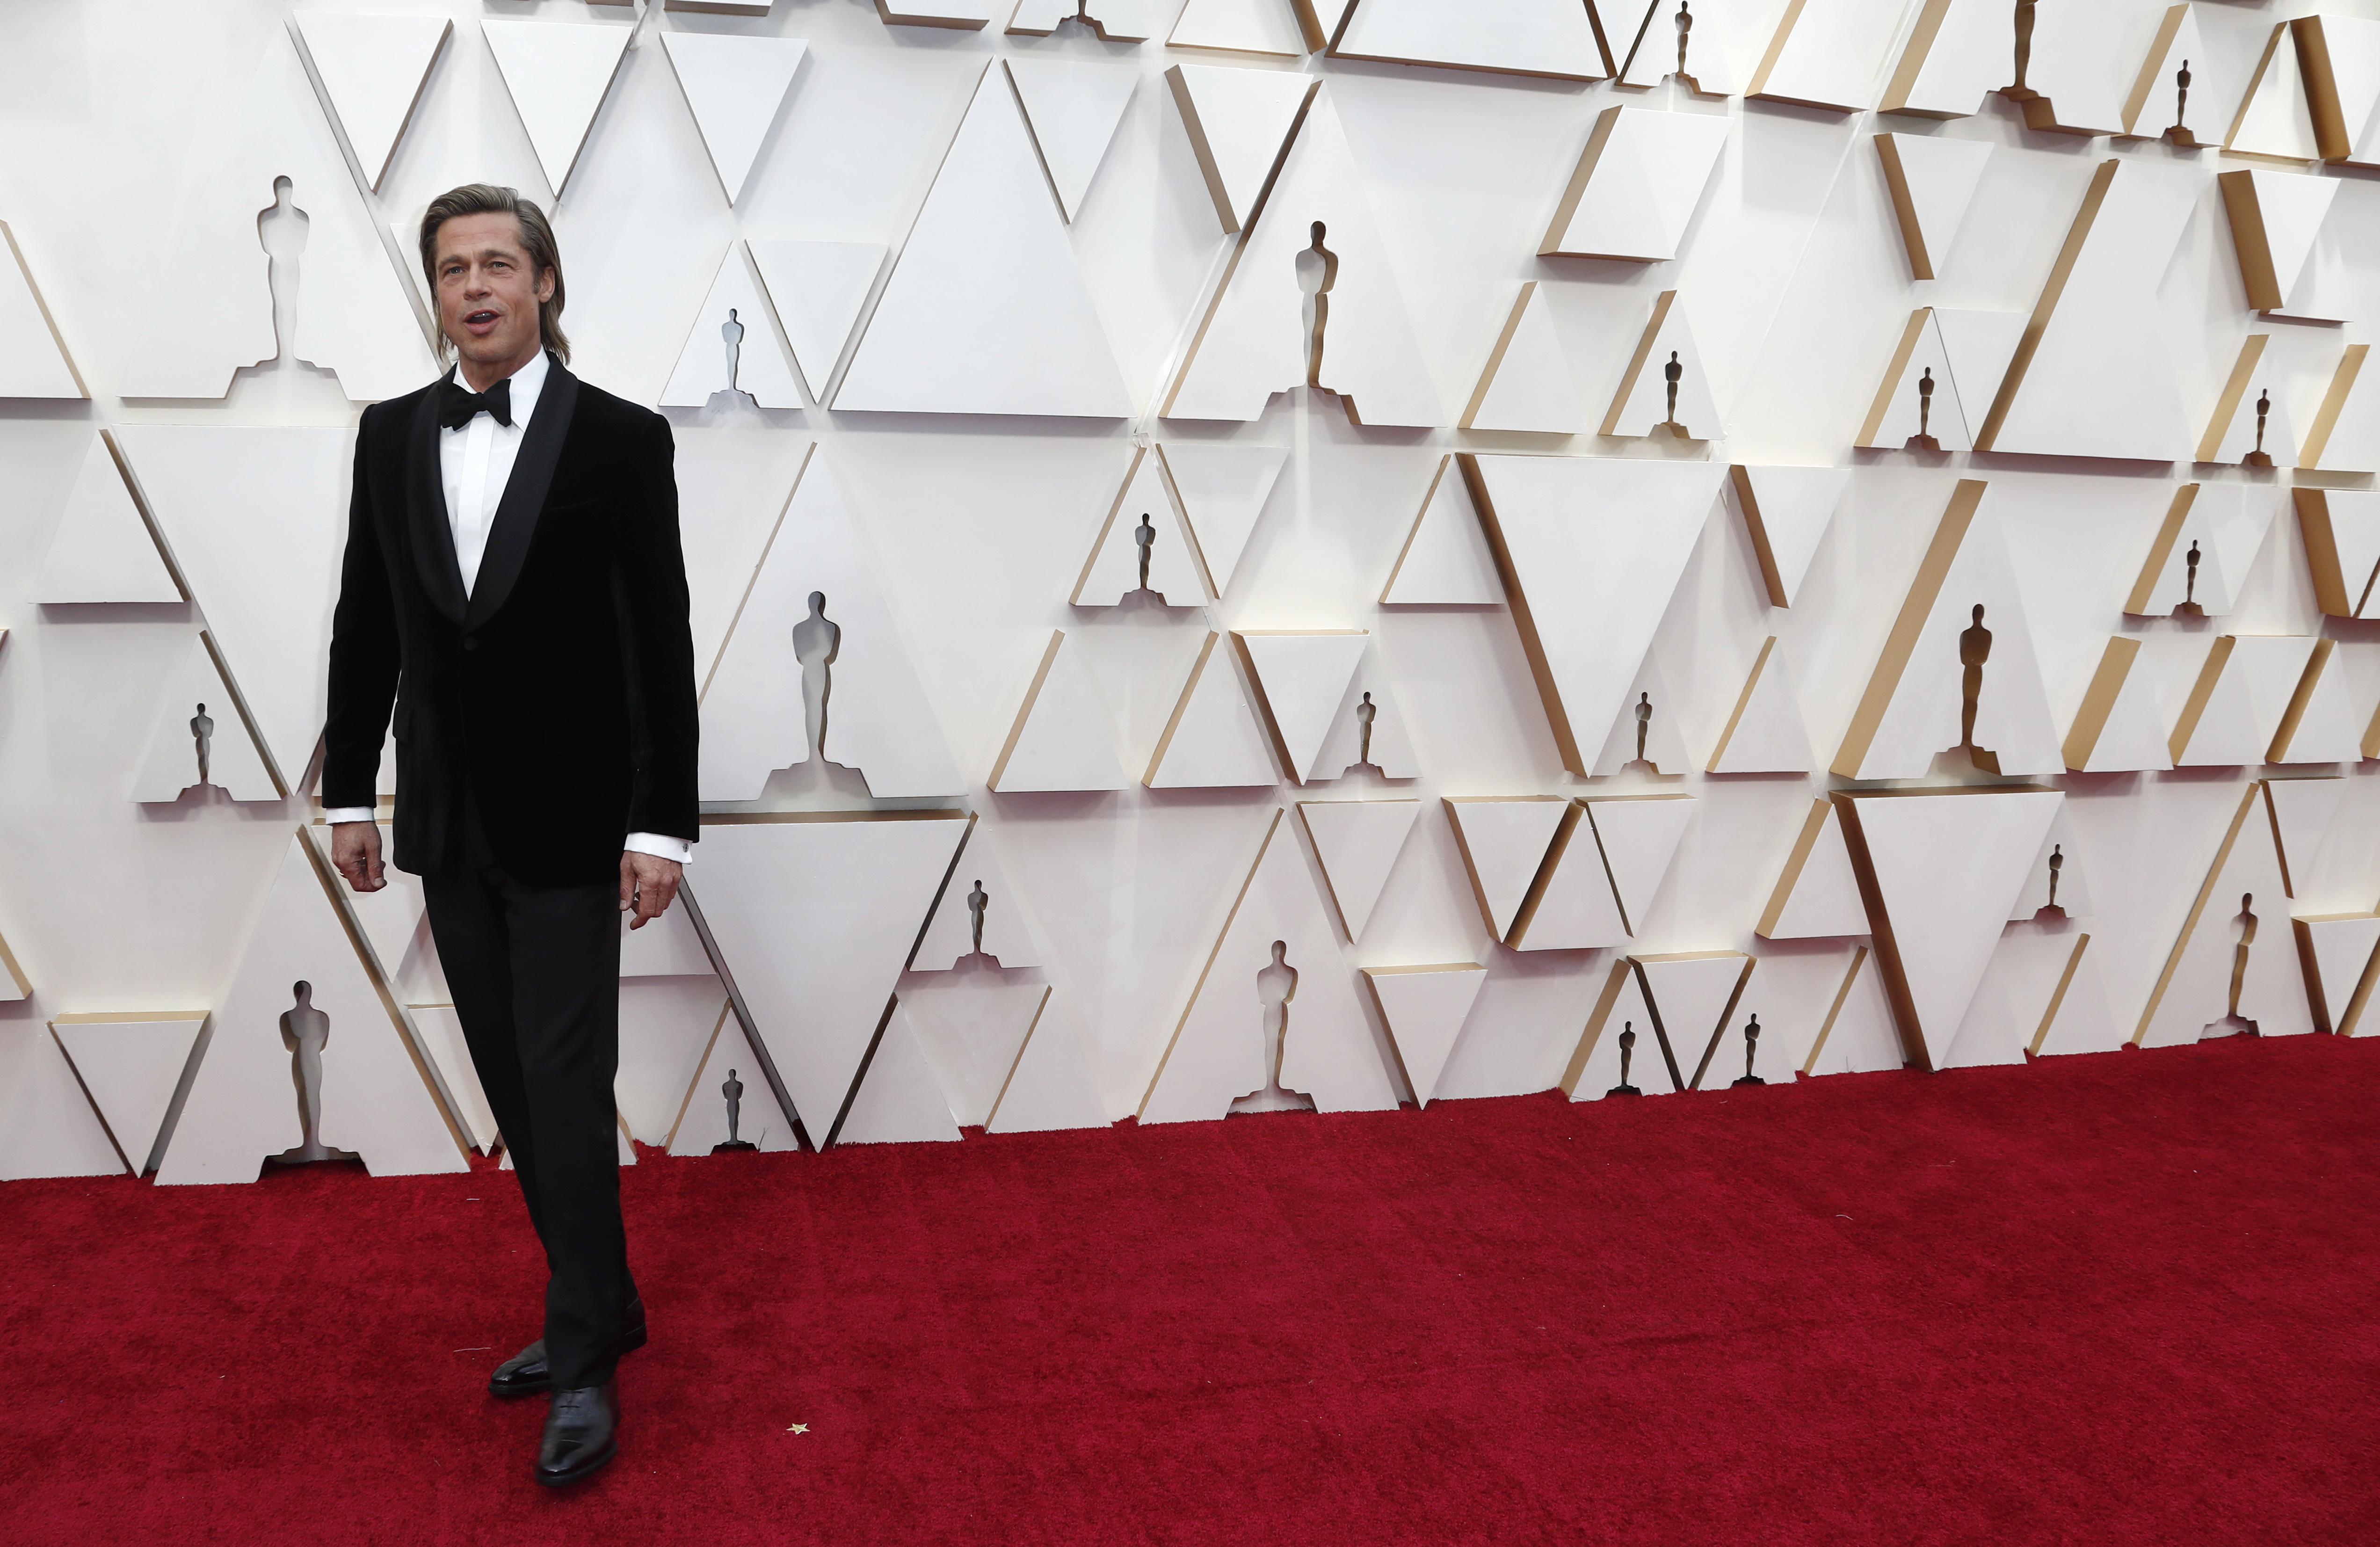 Brad Pitt llegó a la alfombra roja de los Oscars luciendo un impecable black tie. Optó por lucir un saco de chiffón y pantalón negro con zapatos de cuero